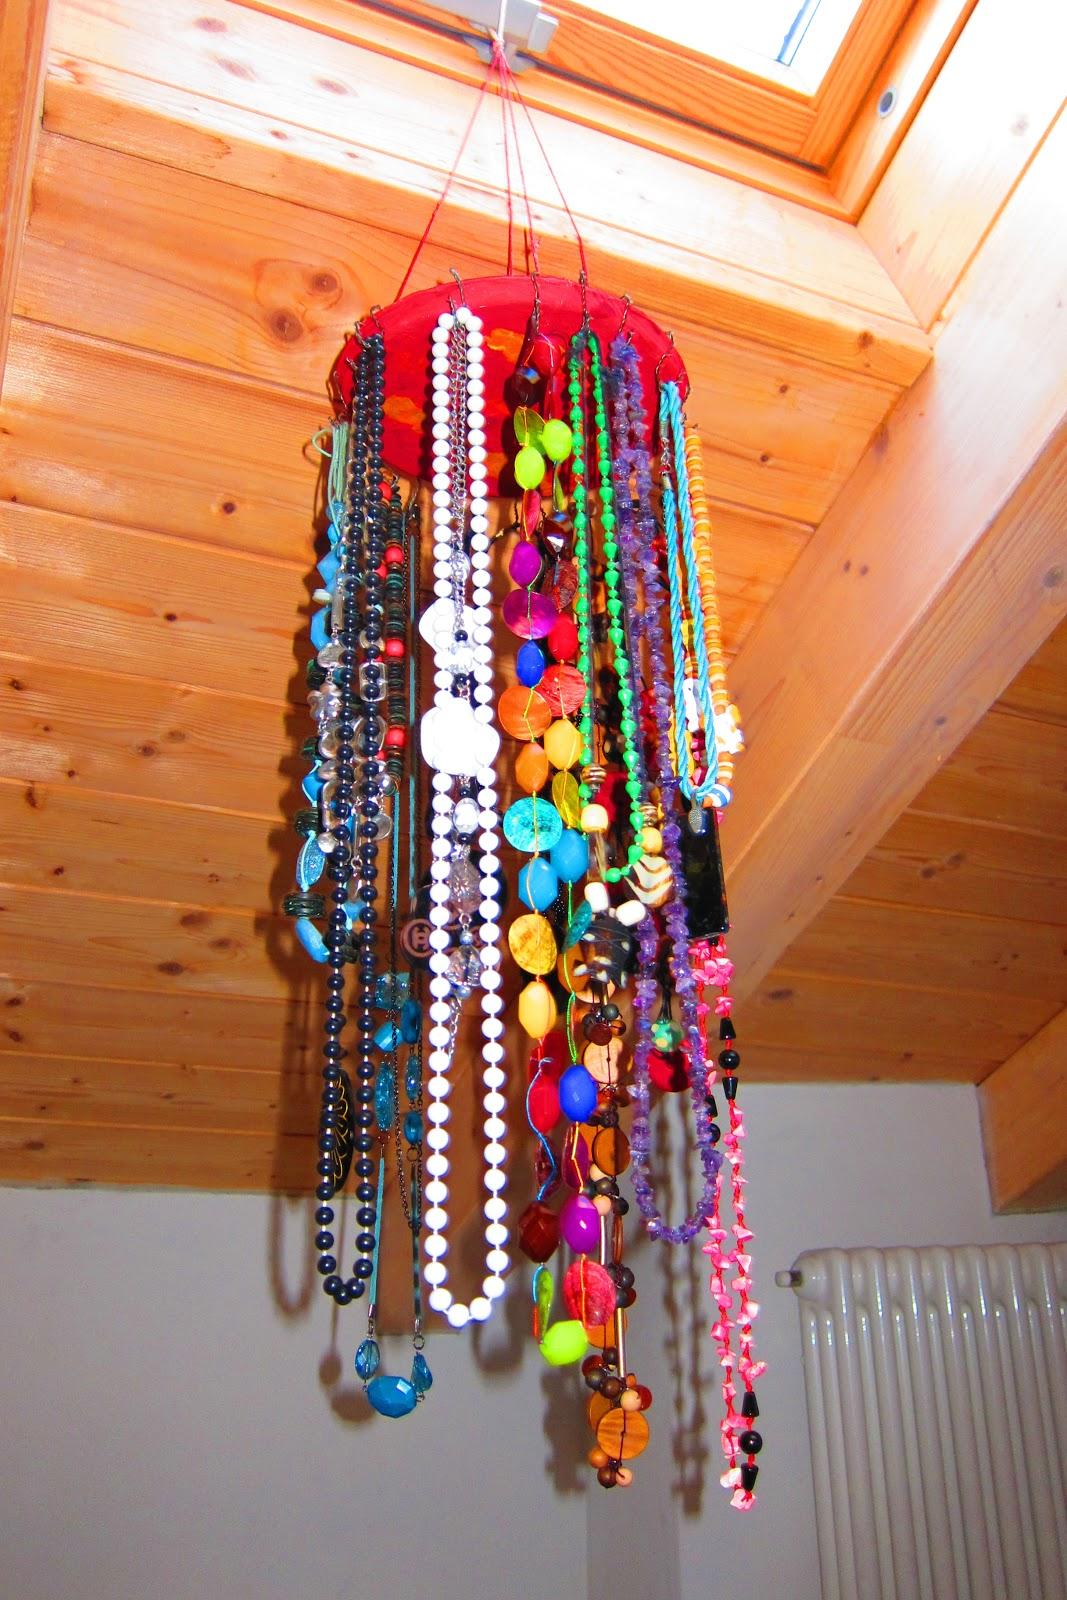 Suddito e carogna porta collane fatto in casa - Porta collane da armadio ...